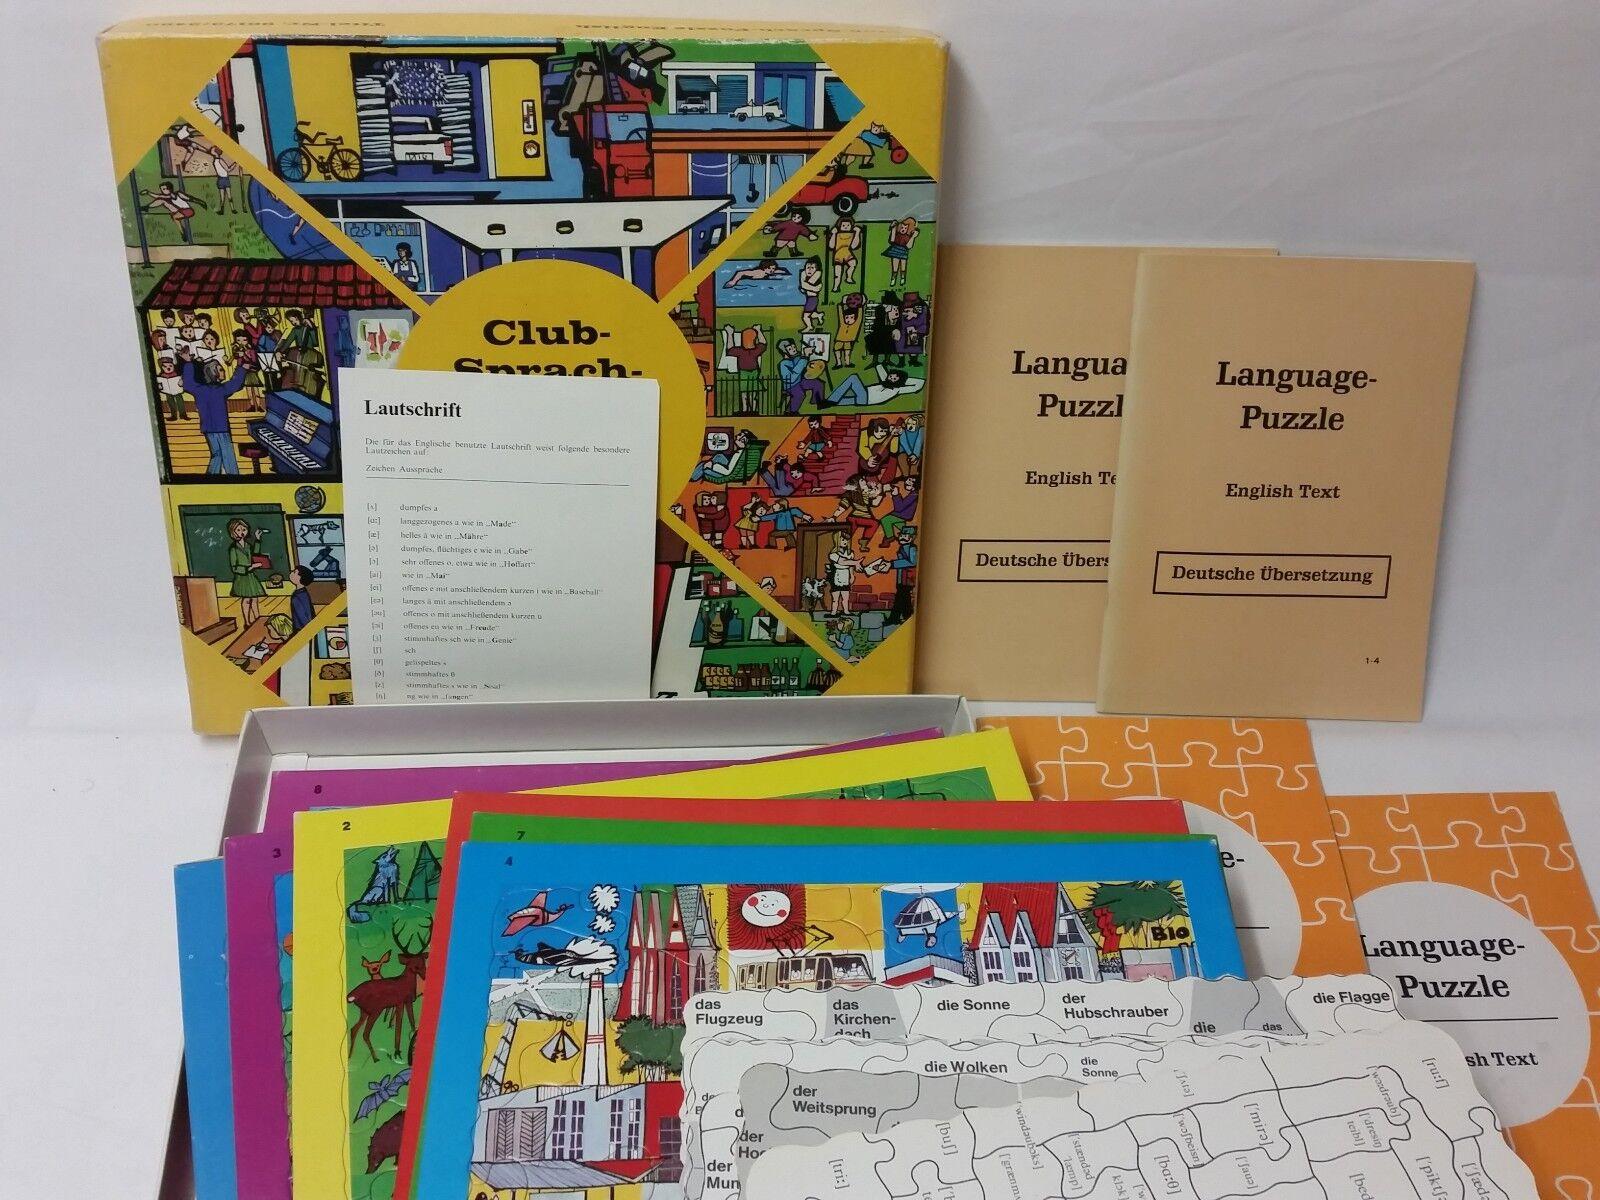 La paix est est est une bénédiction de fruit Club de langue-Puzzle English-gerFemmeo-RARE!!! de visaphon 1973!!! ce6ec7